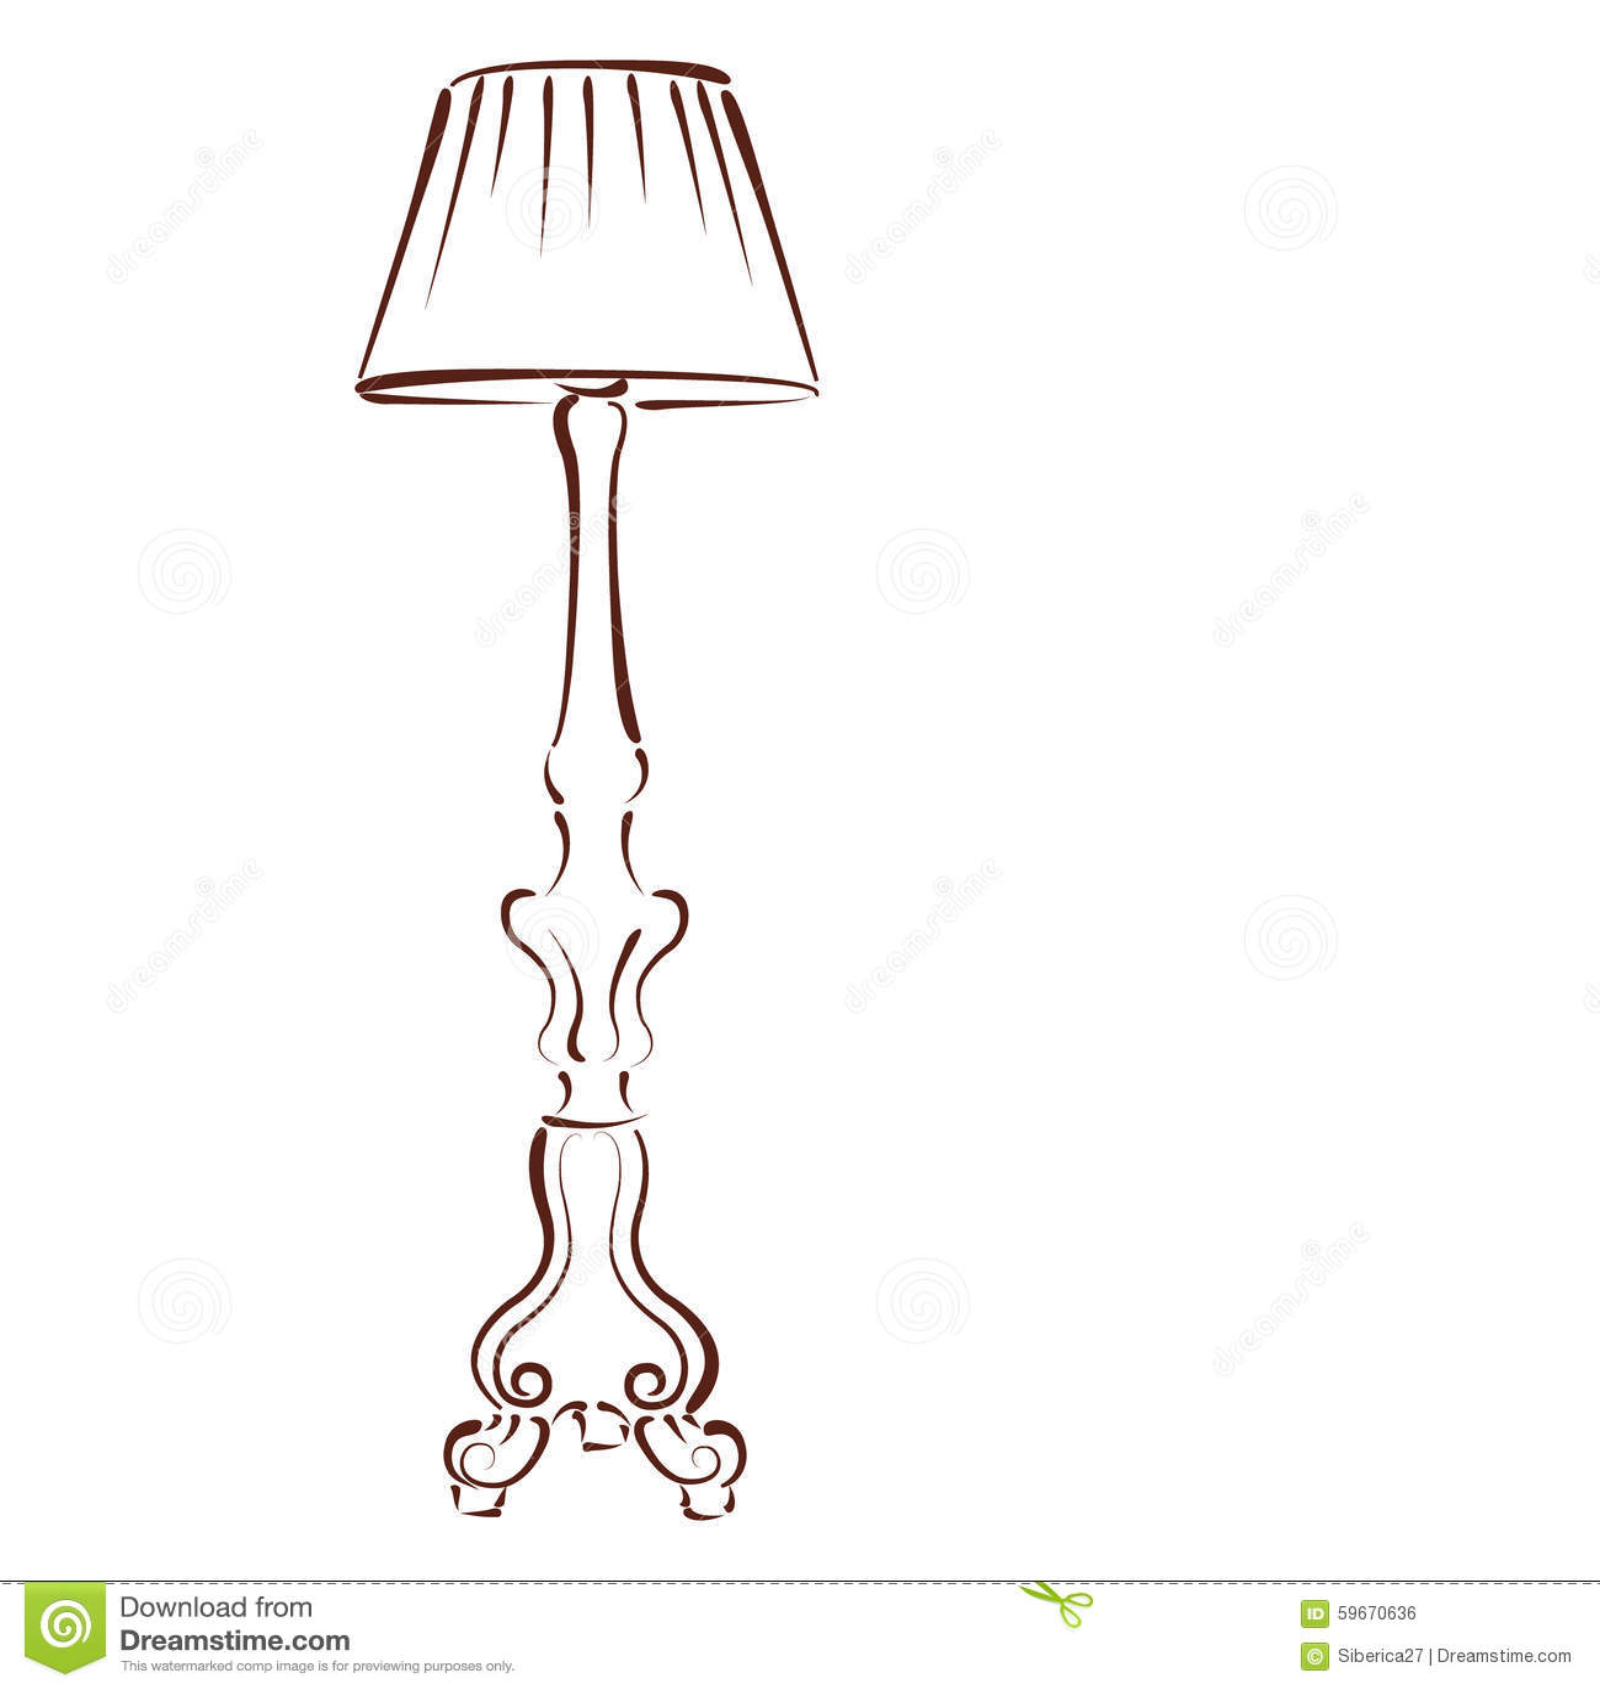 Stehlampe clipart  Skizzierte Stehlampe Vektor Abbildung - Bild: 59670636